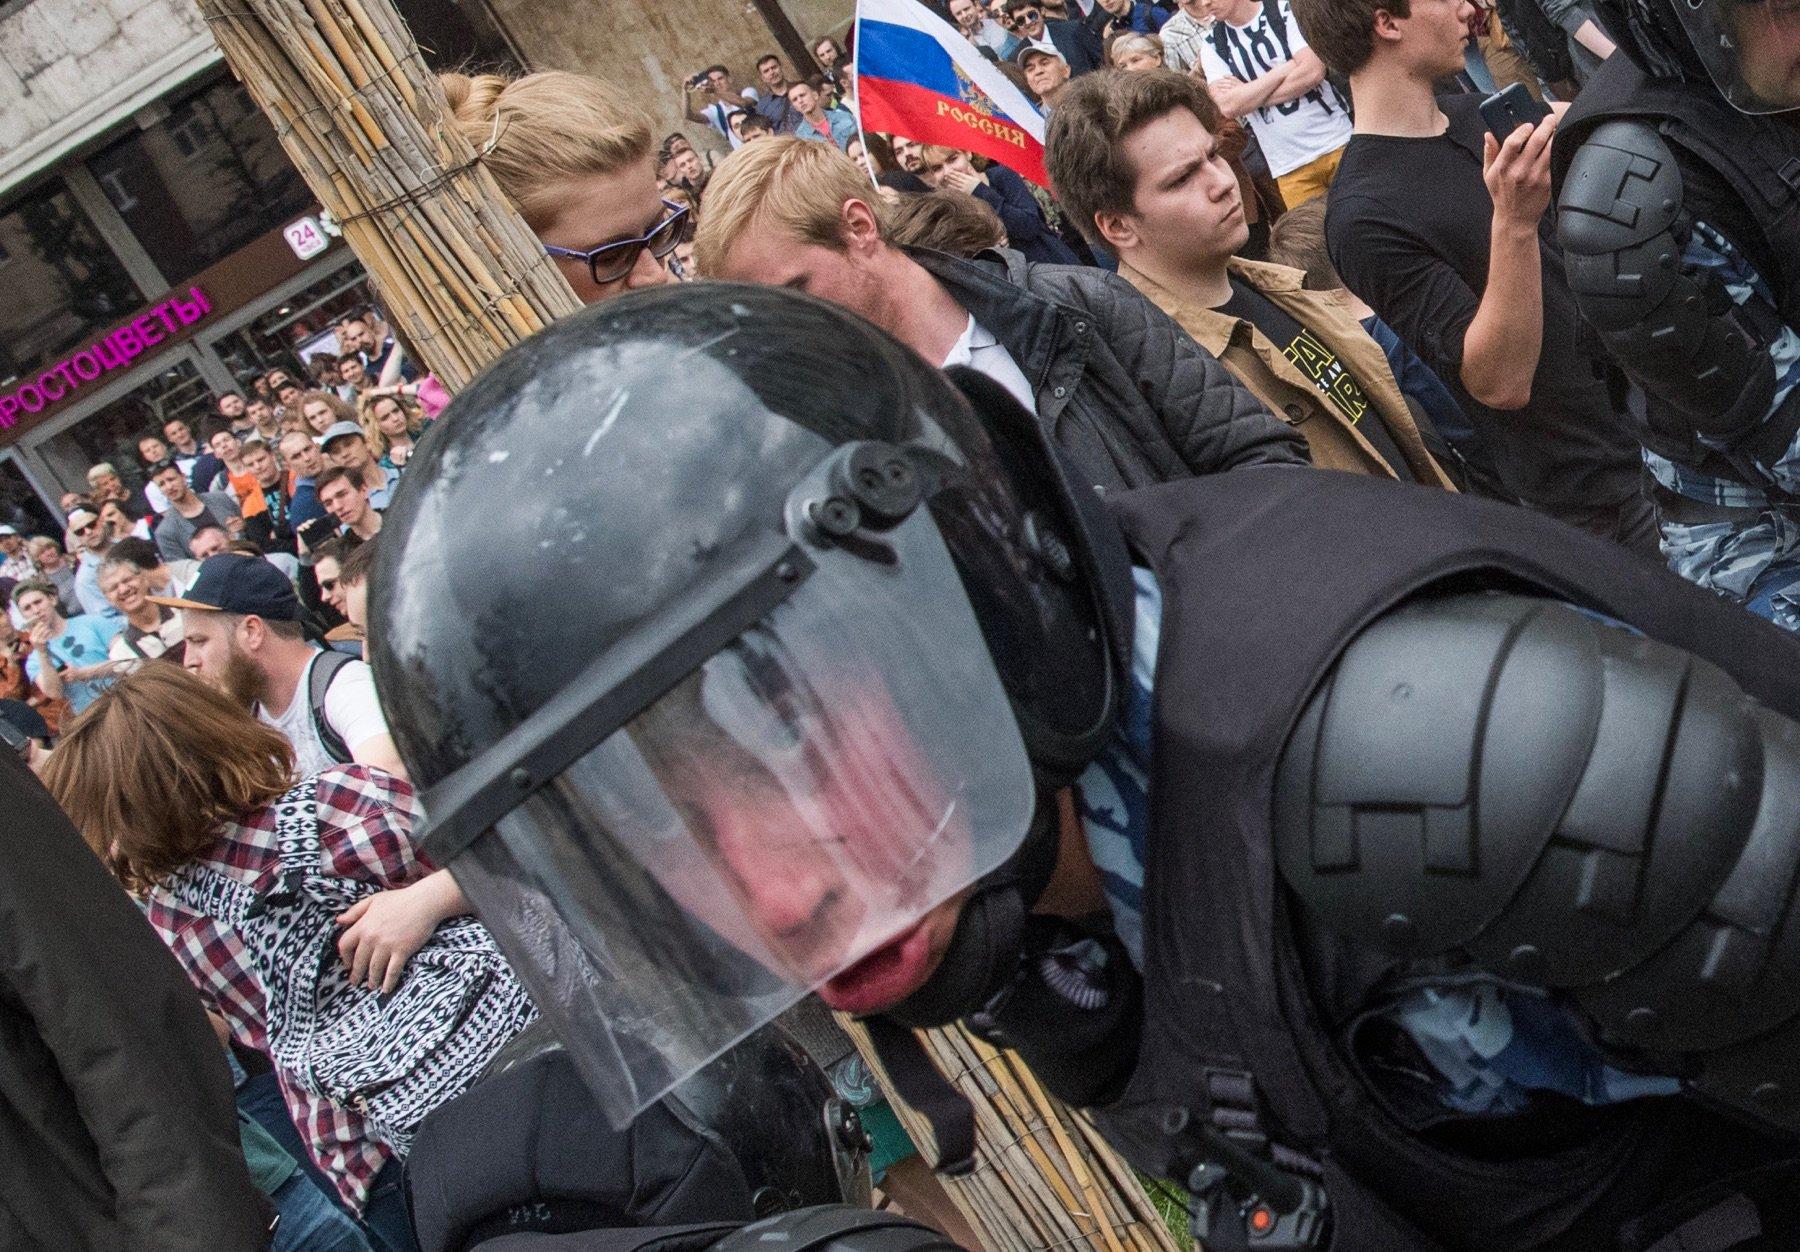 """""""Этот мужичок подошел и ласково сказал, что сломает мне фотоаппарат и лицо"""", - возможно, еще один бывший """"беркутовец"""" """"засветился"""" при разгоне митинга в Москве - Цензор.НЕТ 2211"""